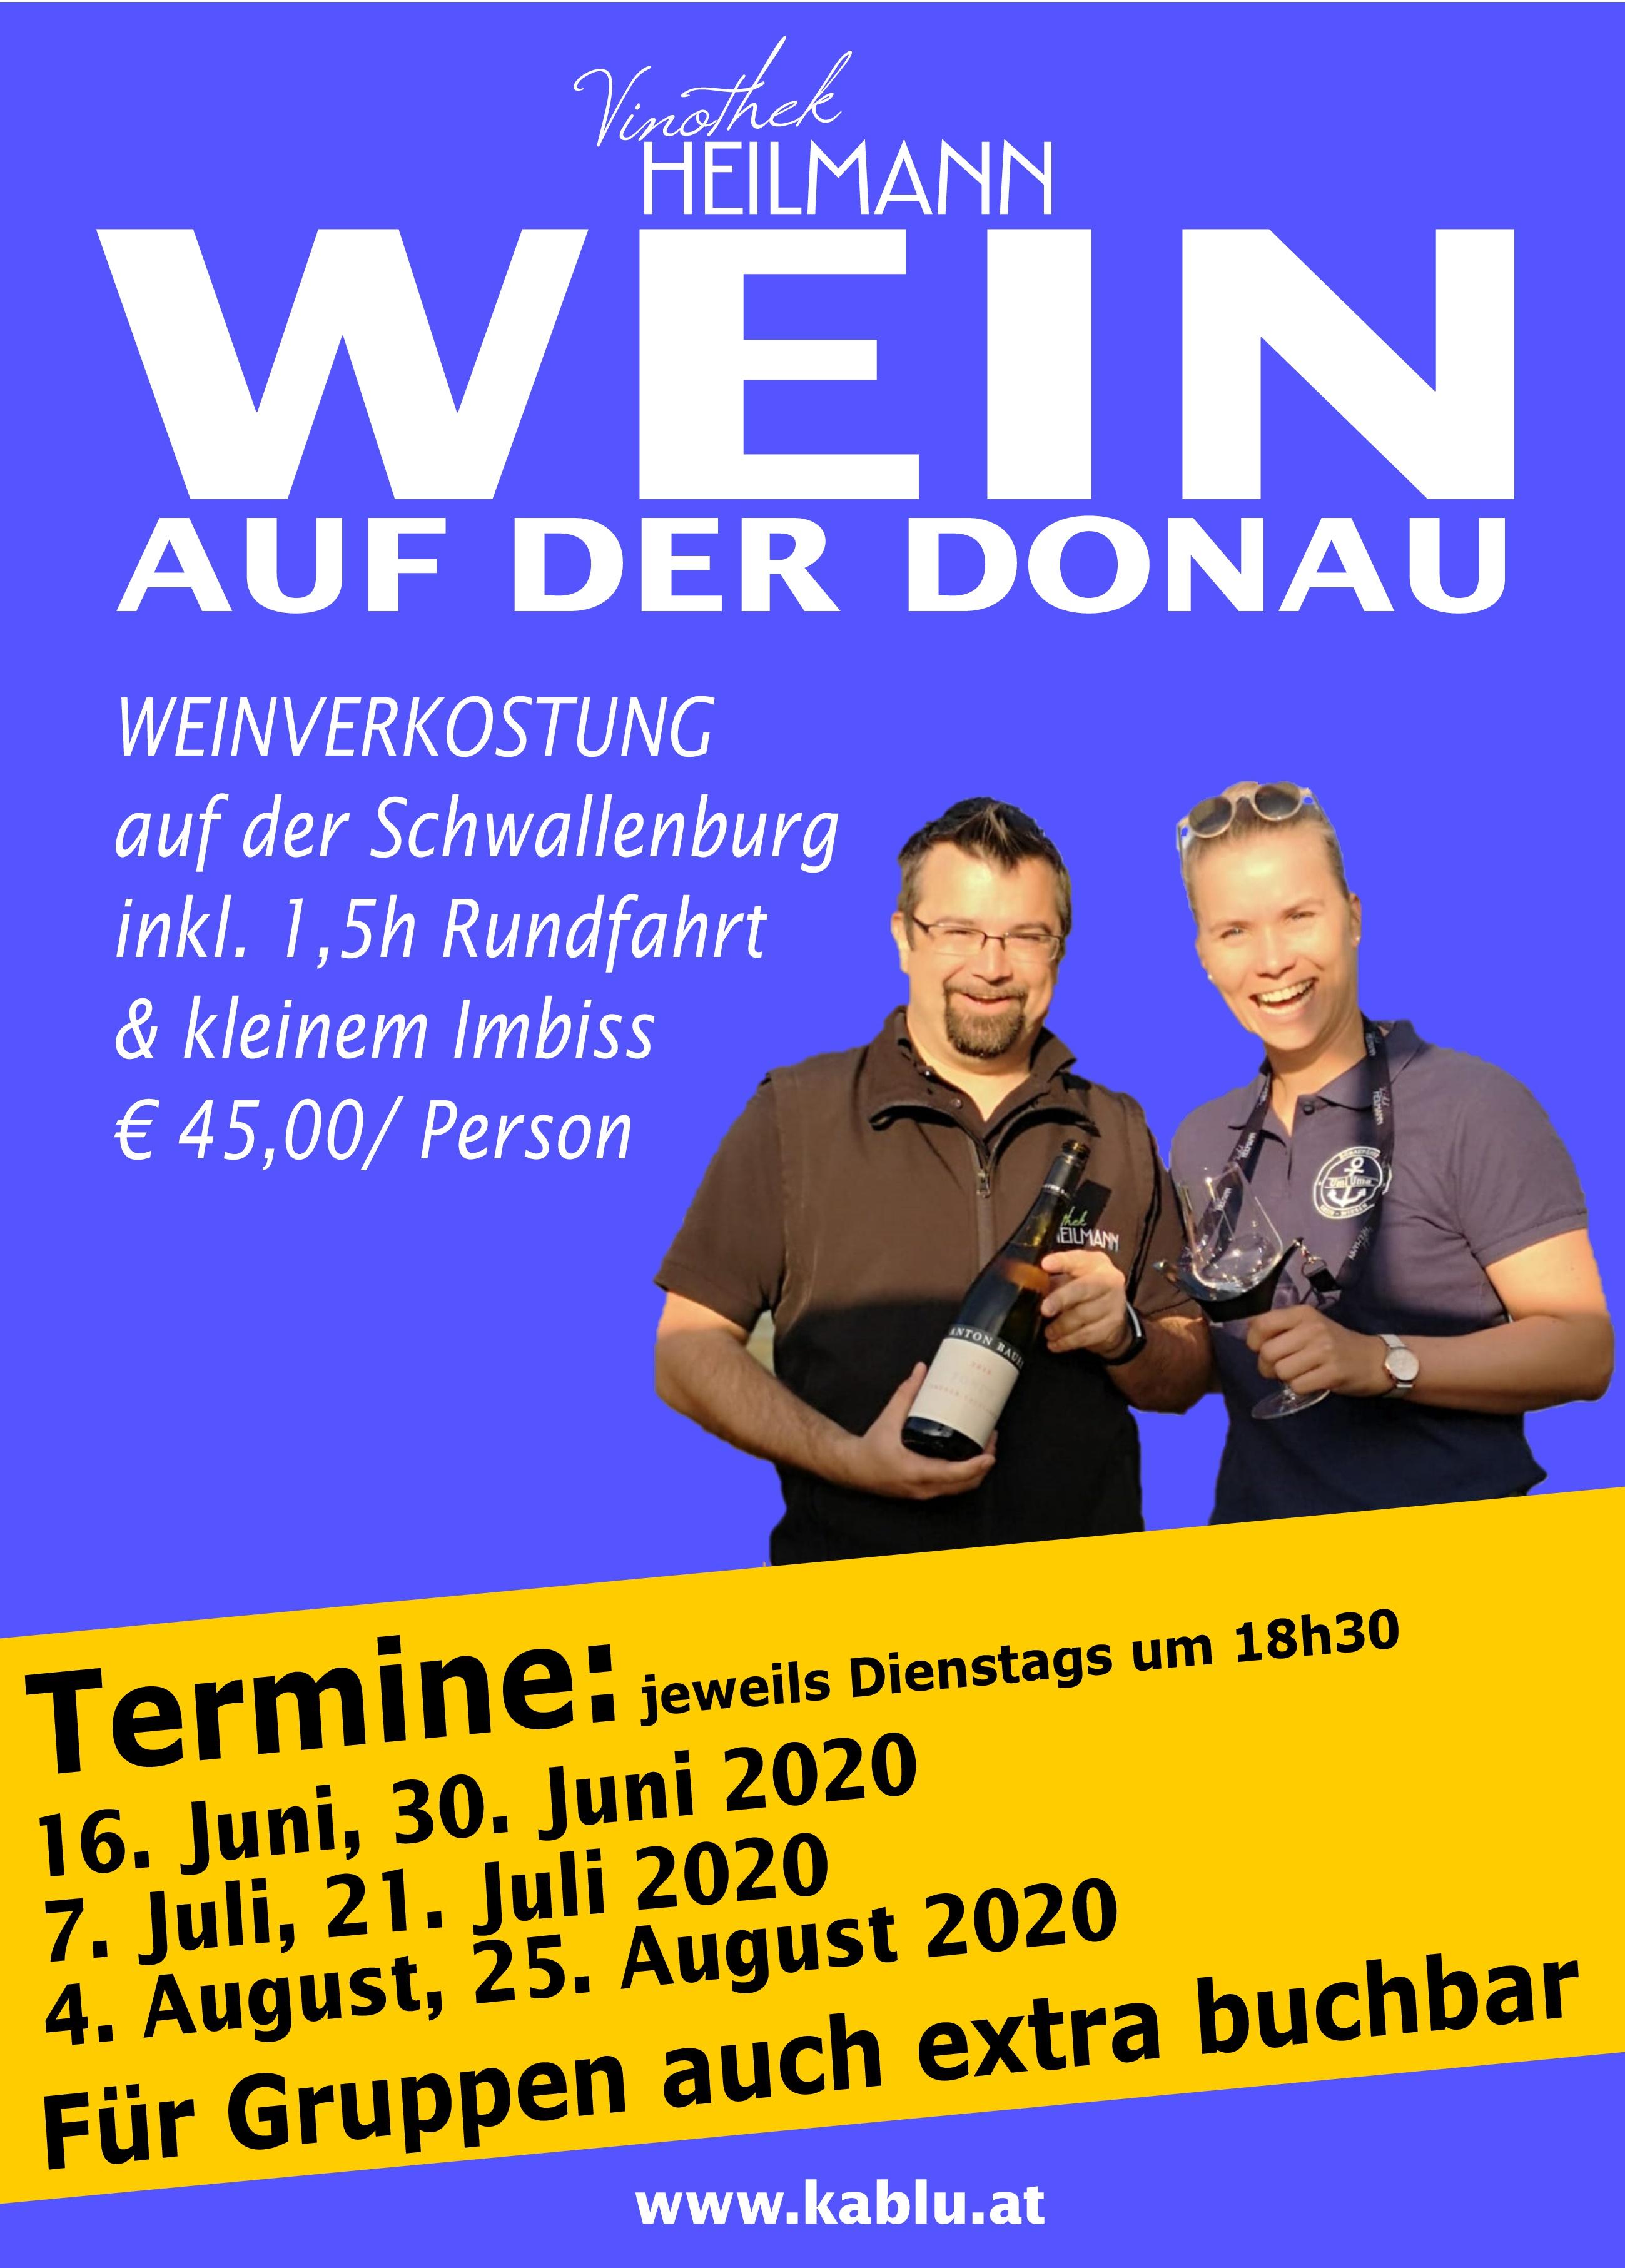 Wein auf der Donau 2020